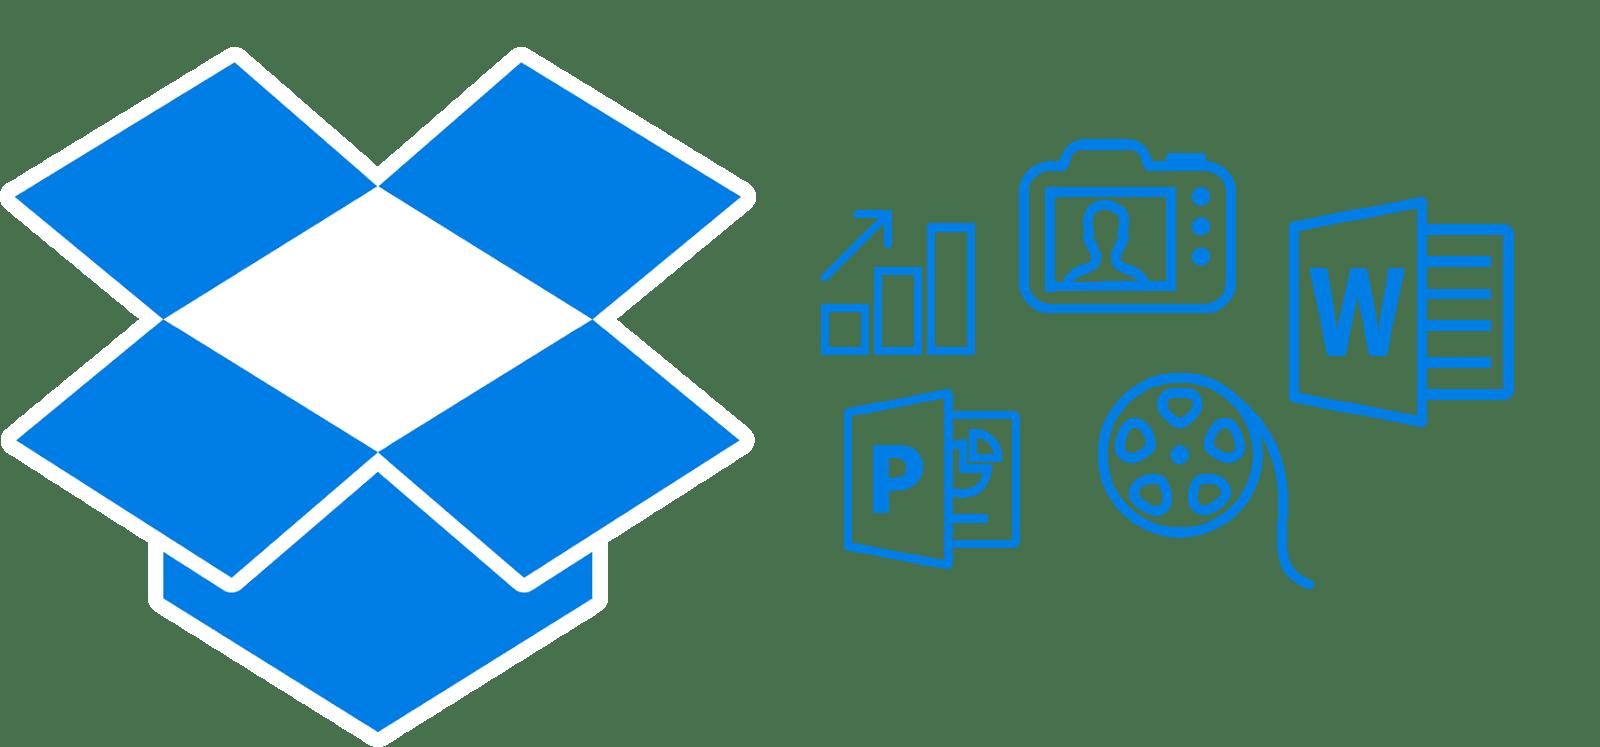 Presentación de Dropbox con integración de servicios